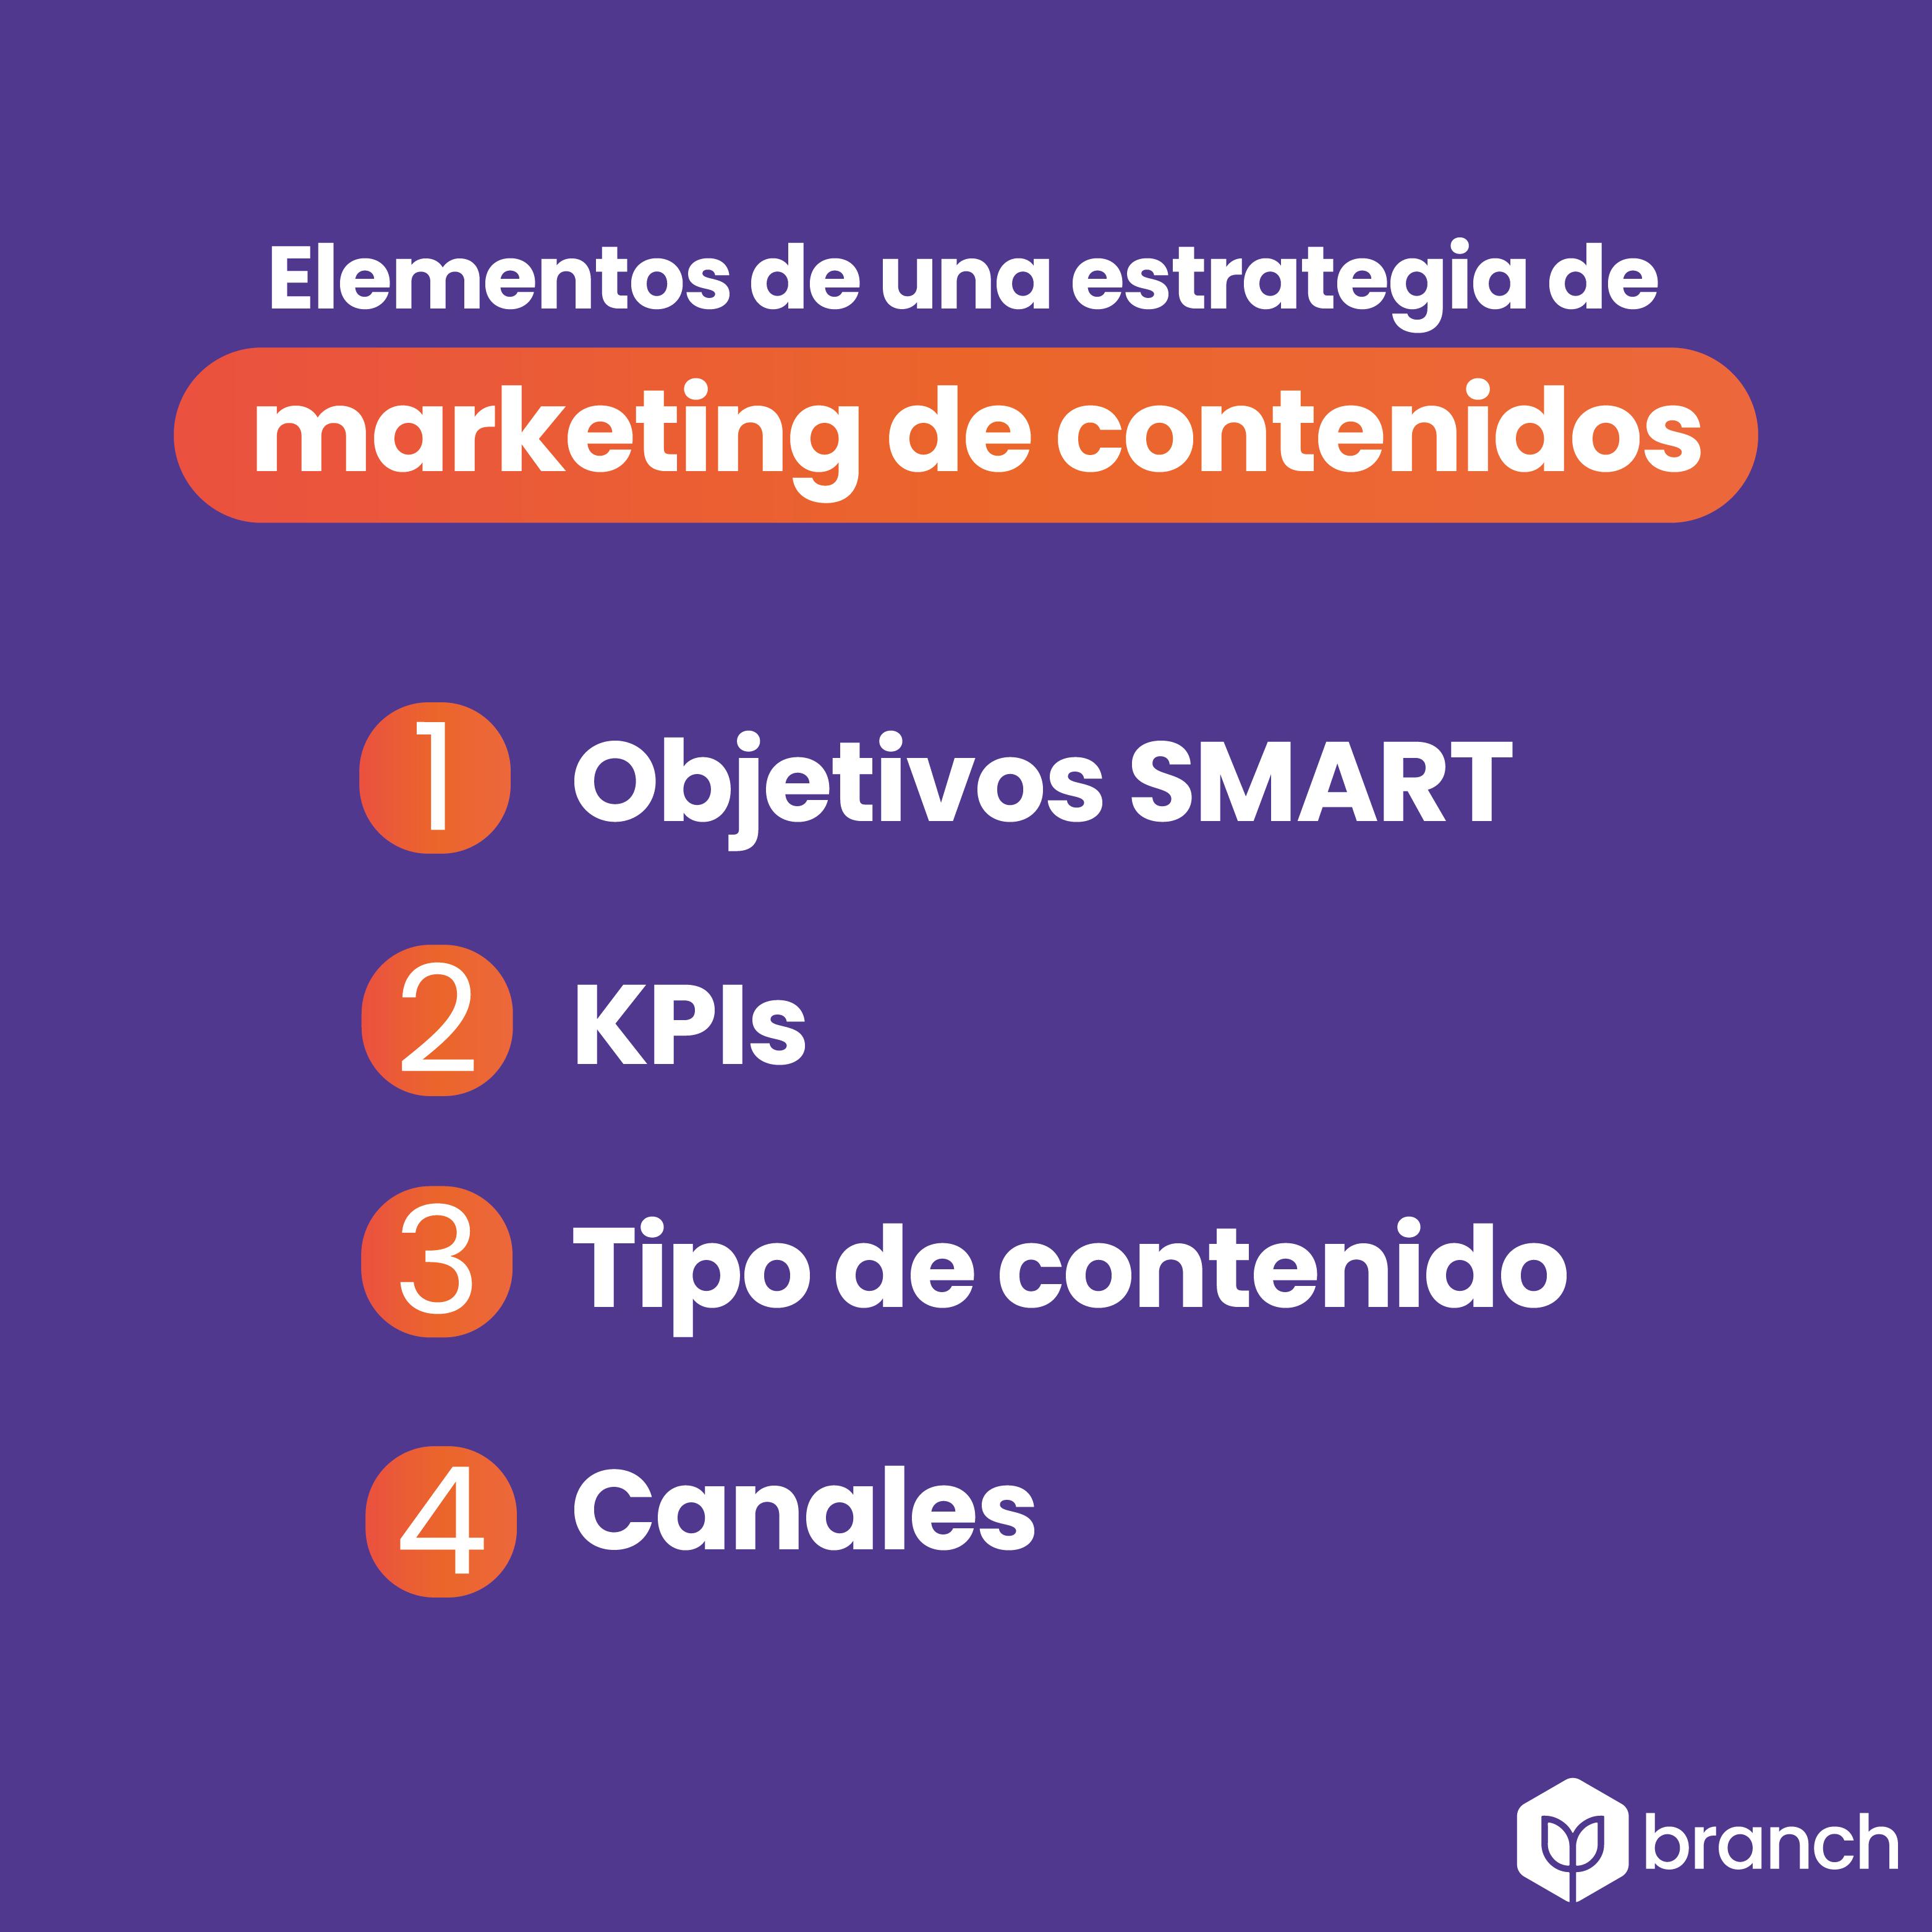 elementos-de-una-estrategia-de-marketing-de-contenidos